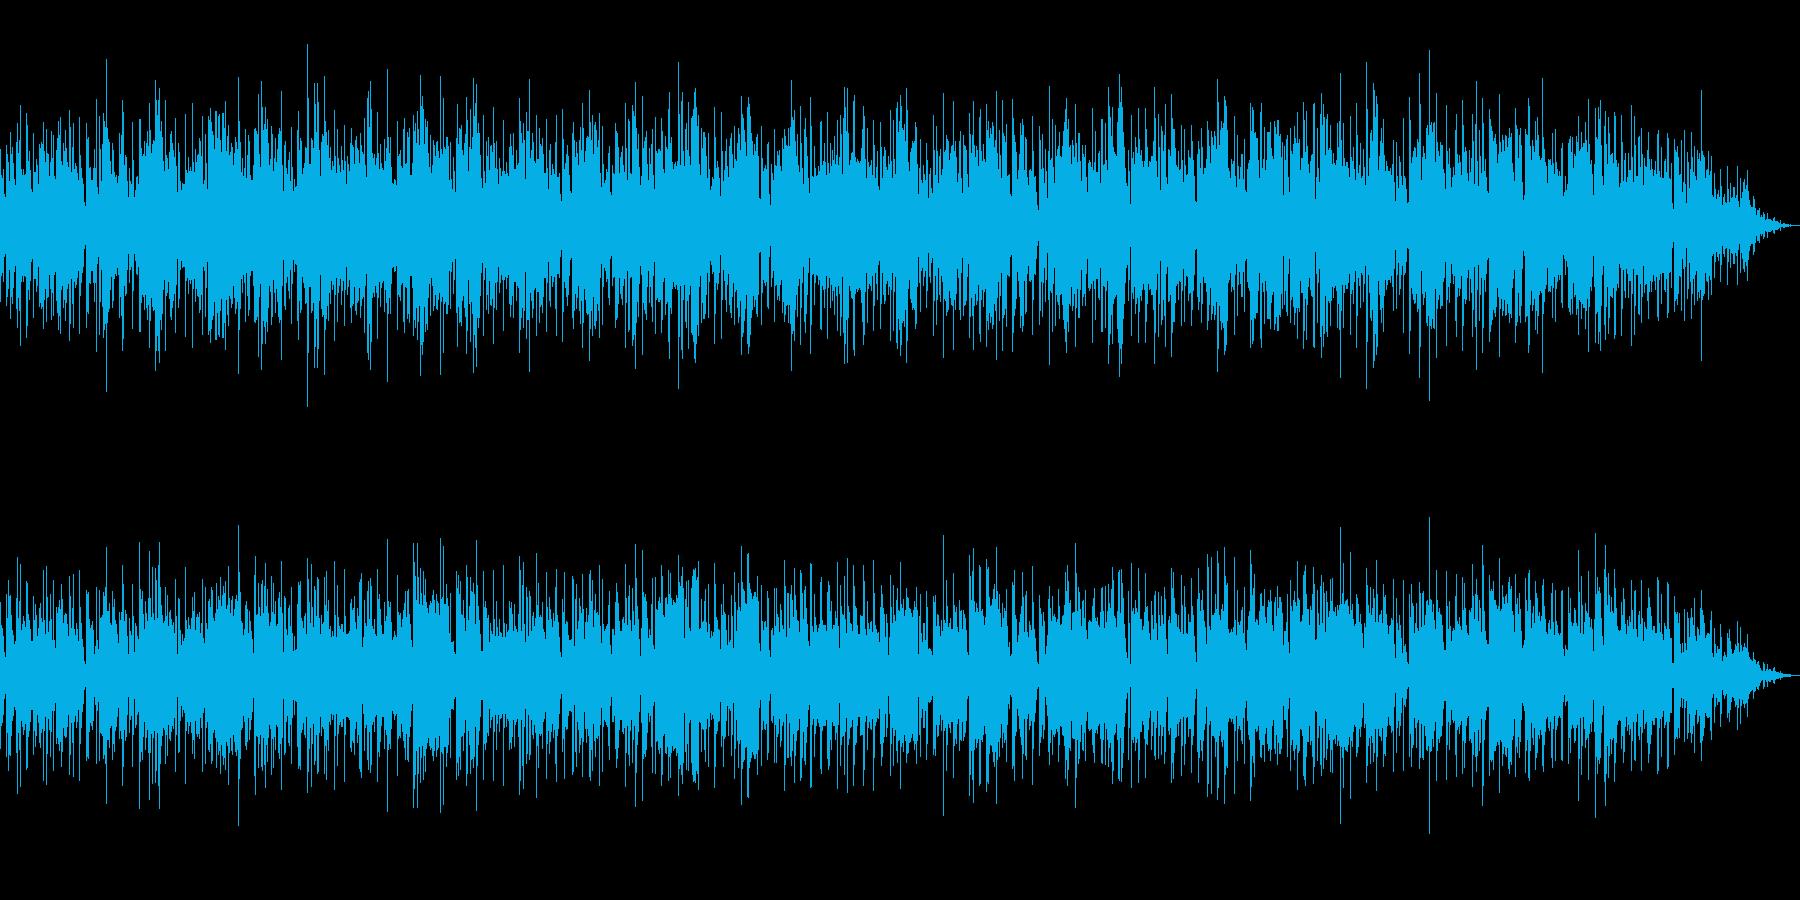 フラクタルやサイバー空間のイメージの再生済みの波形